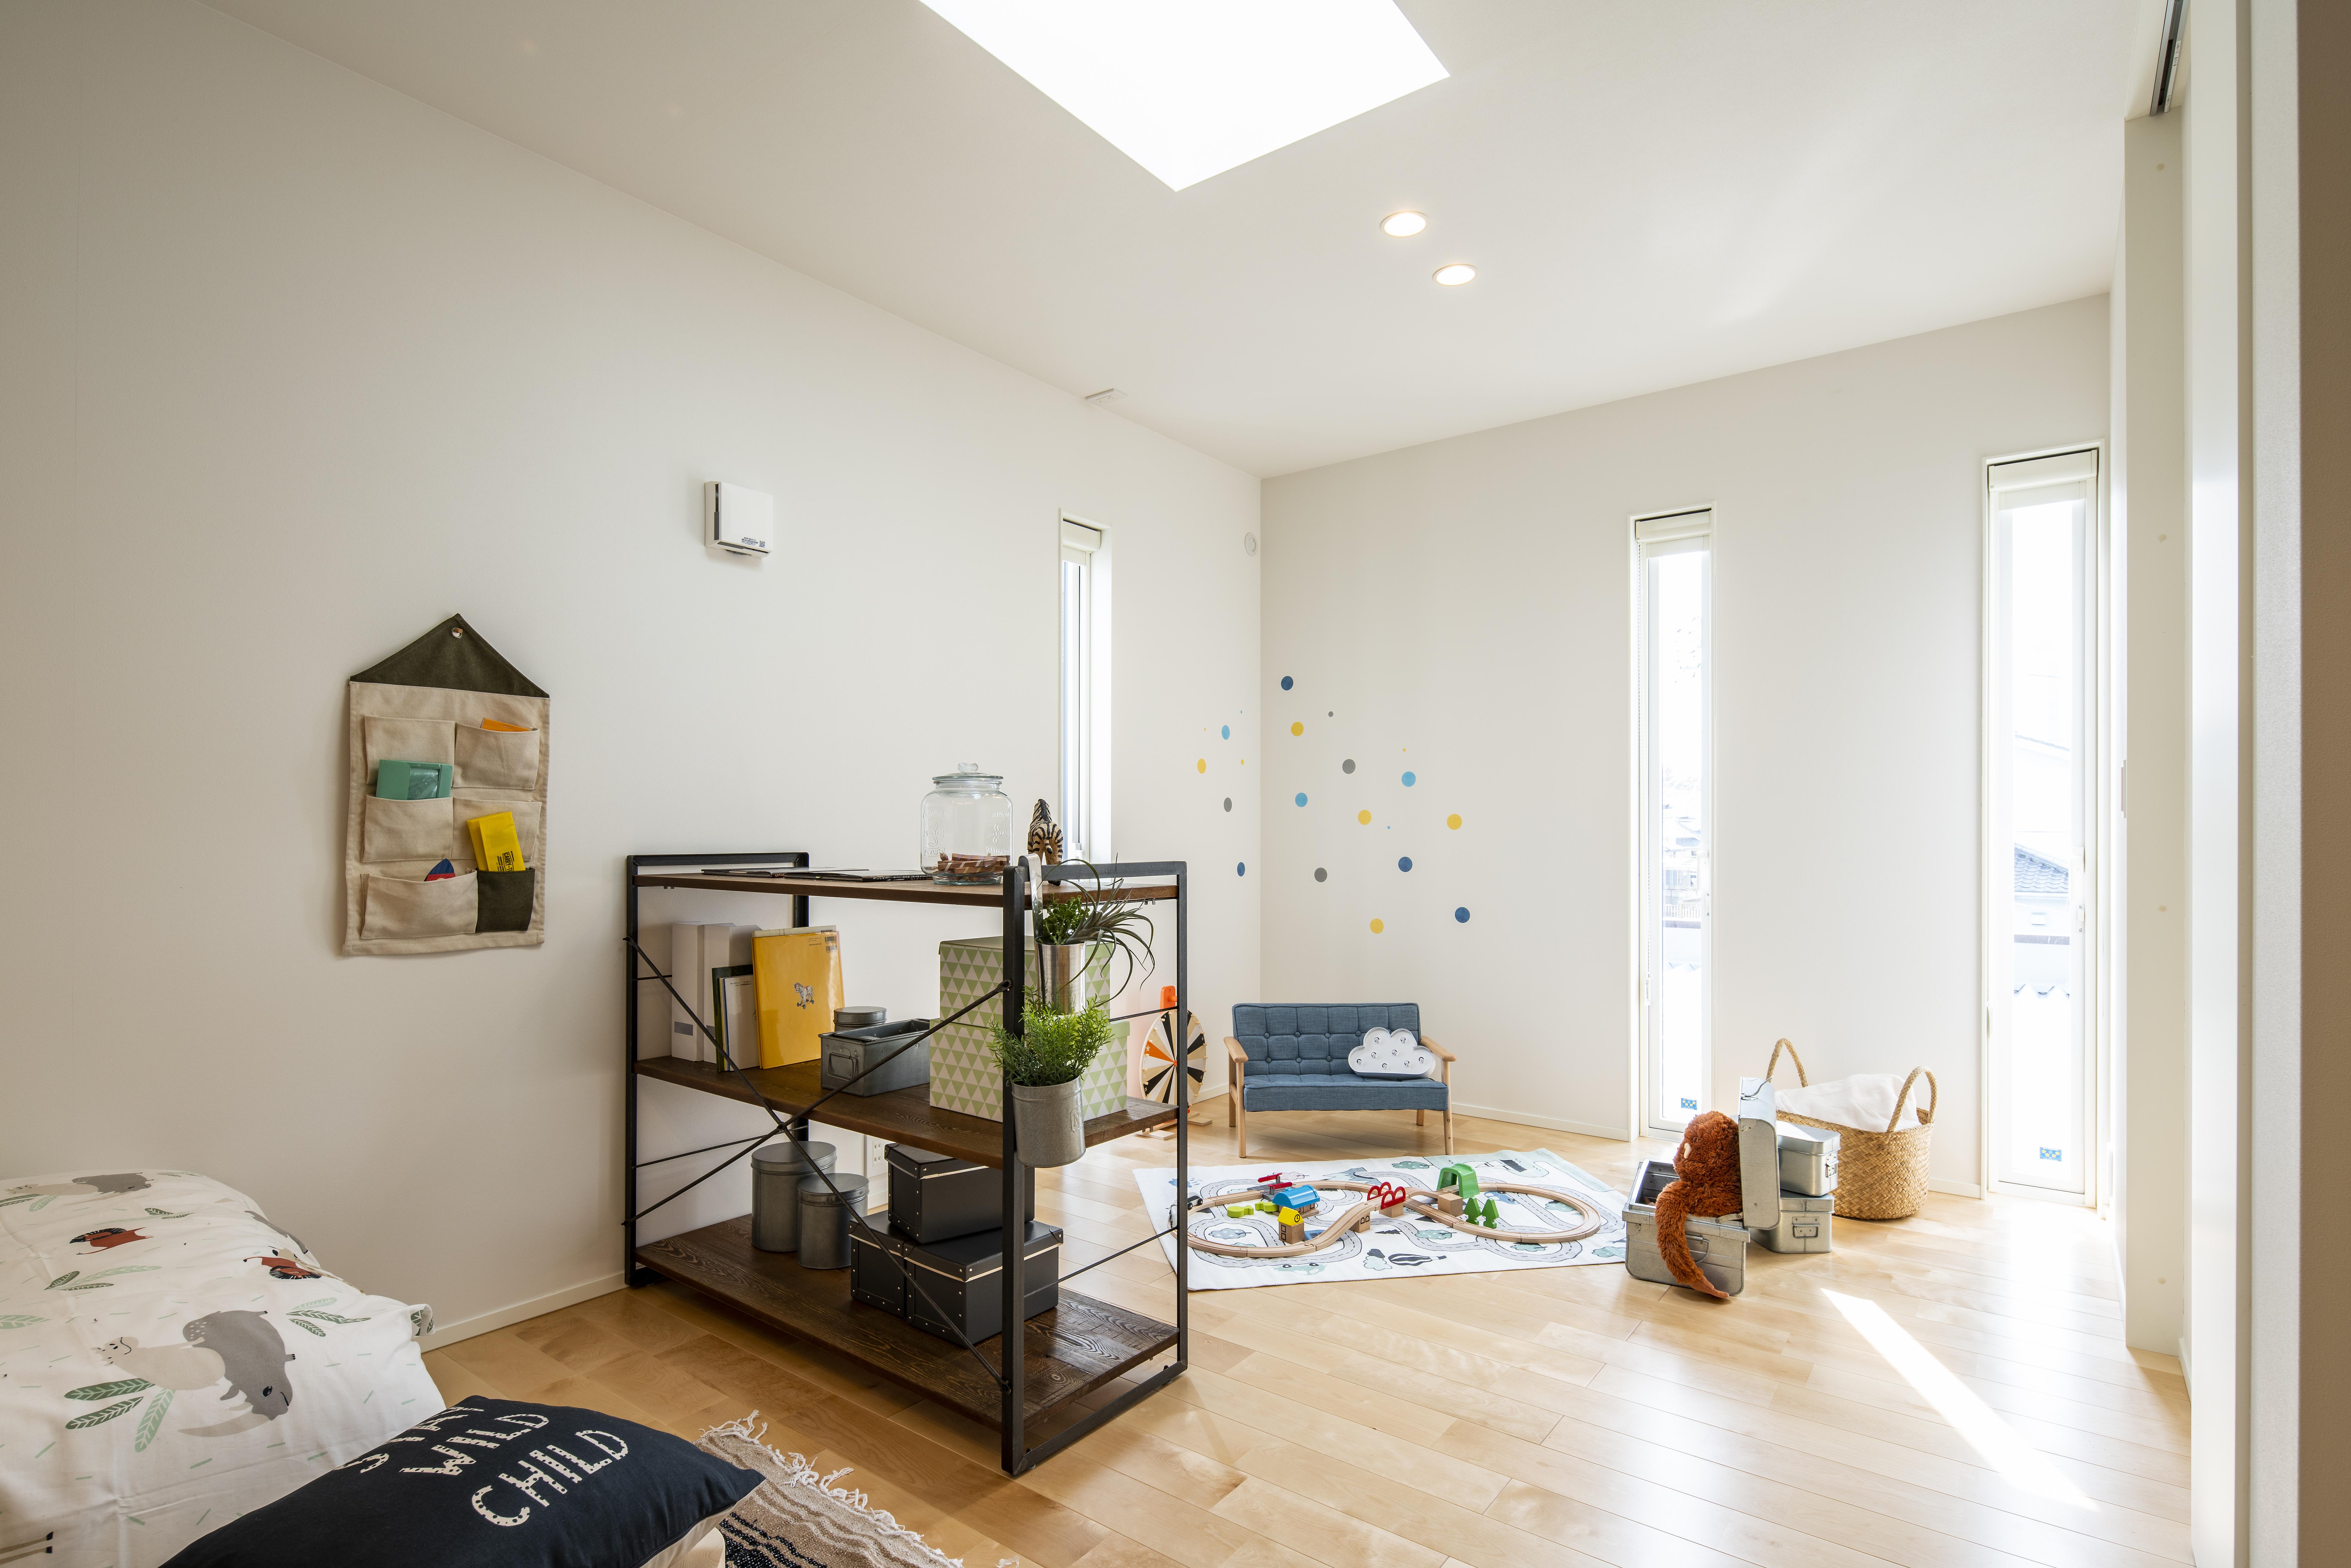 スタイルカーサ【デザイン住宅、間取り、インテリア】トップライトがある子ども部屋。しばらくは広いワンルームとして使い、将来間取りを変更予定。大きなキャンバスのような白い壁が子どもの好奇心と創造力を育む